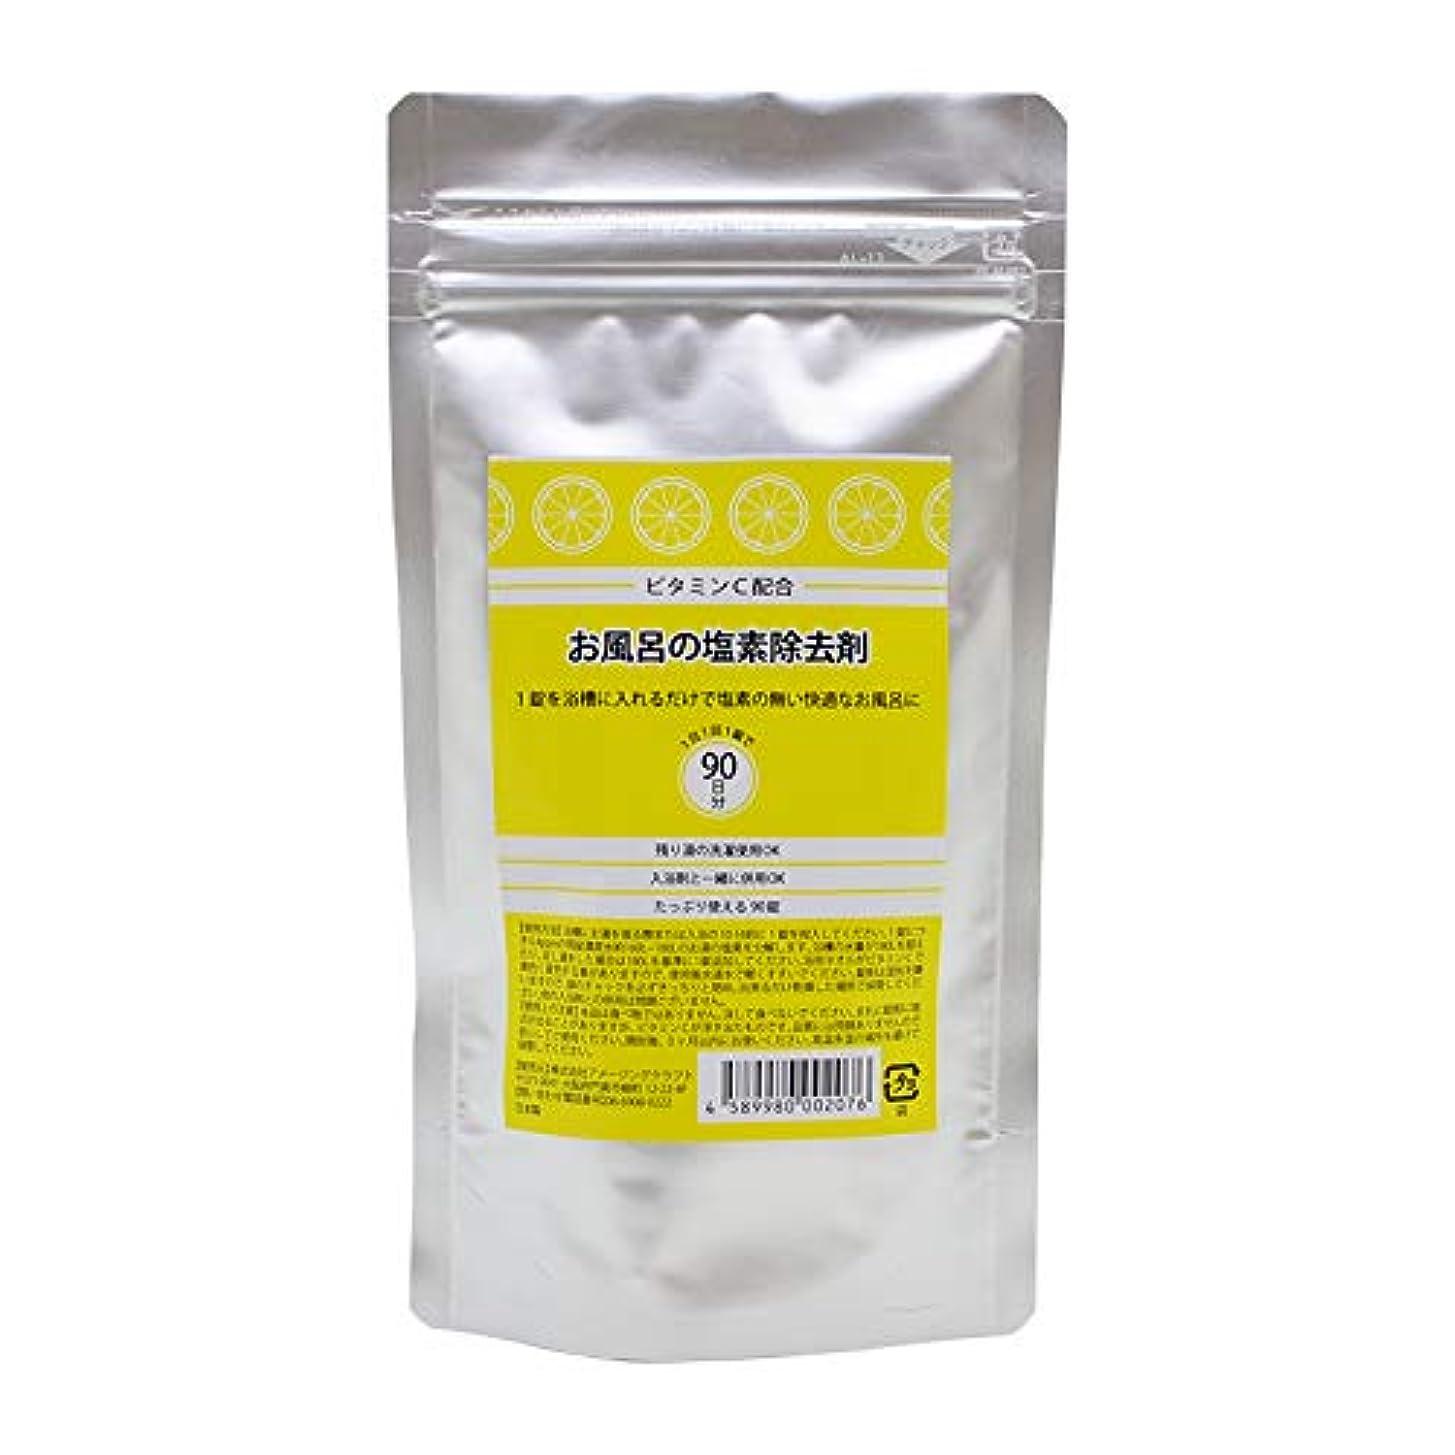 ビタミンC配合 お風呂の塩素除去剤 錠剤タイプ 90錠 浴槽用脱塩素剤